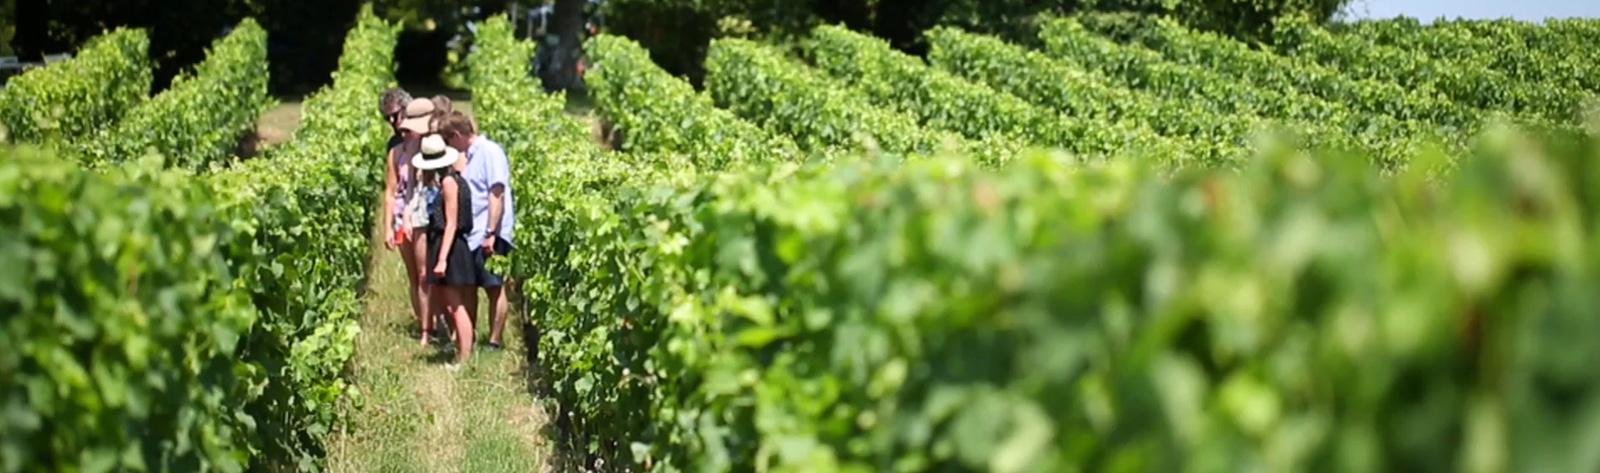 Wine Tours Limo Service Sausalito